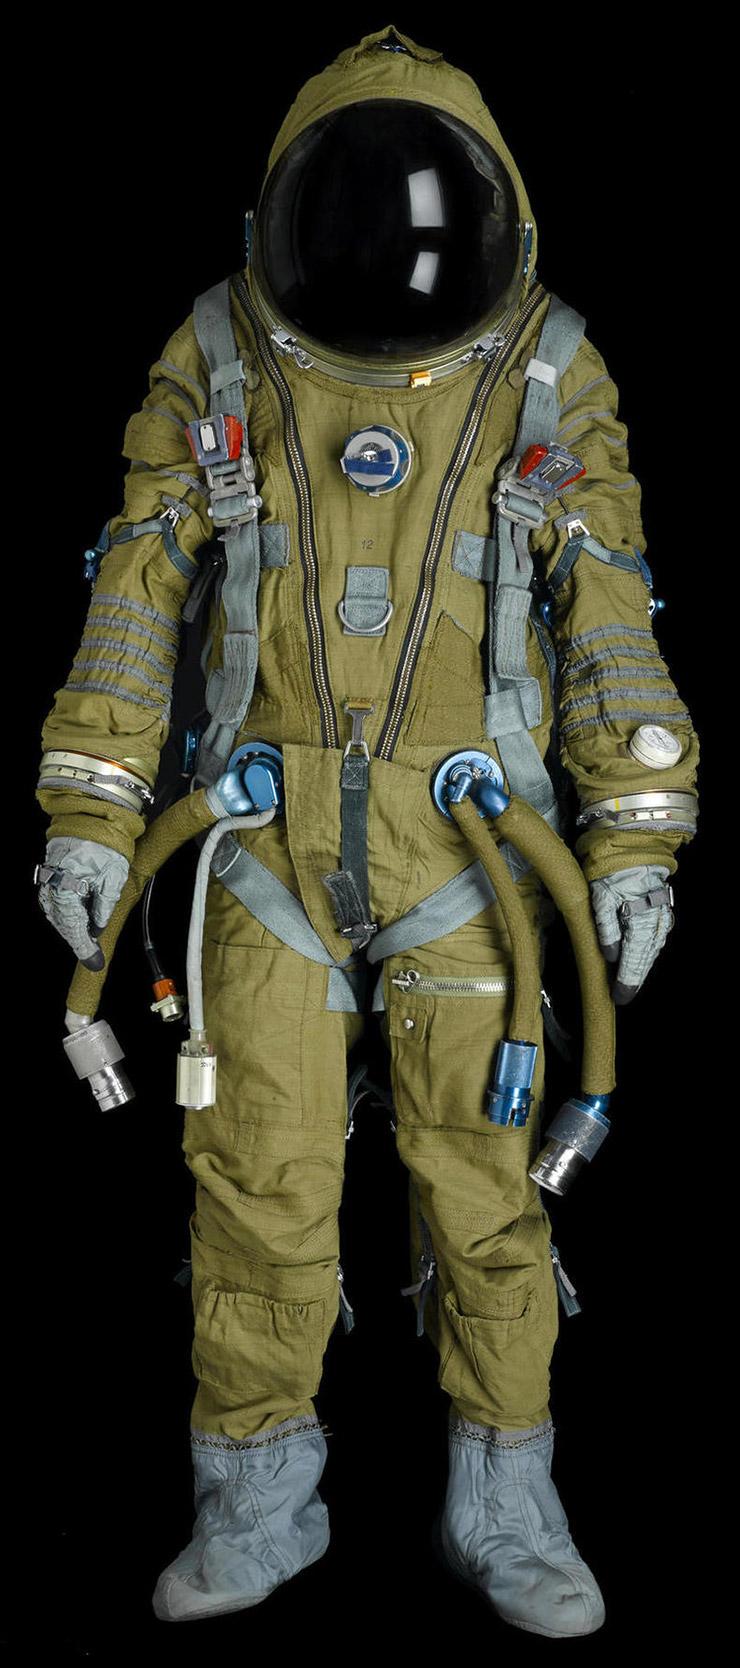 SOVIET SPACESUITS :: The Space History Sale - Bonhams